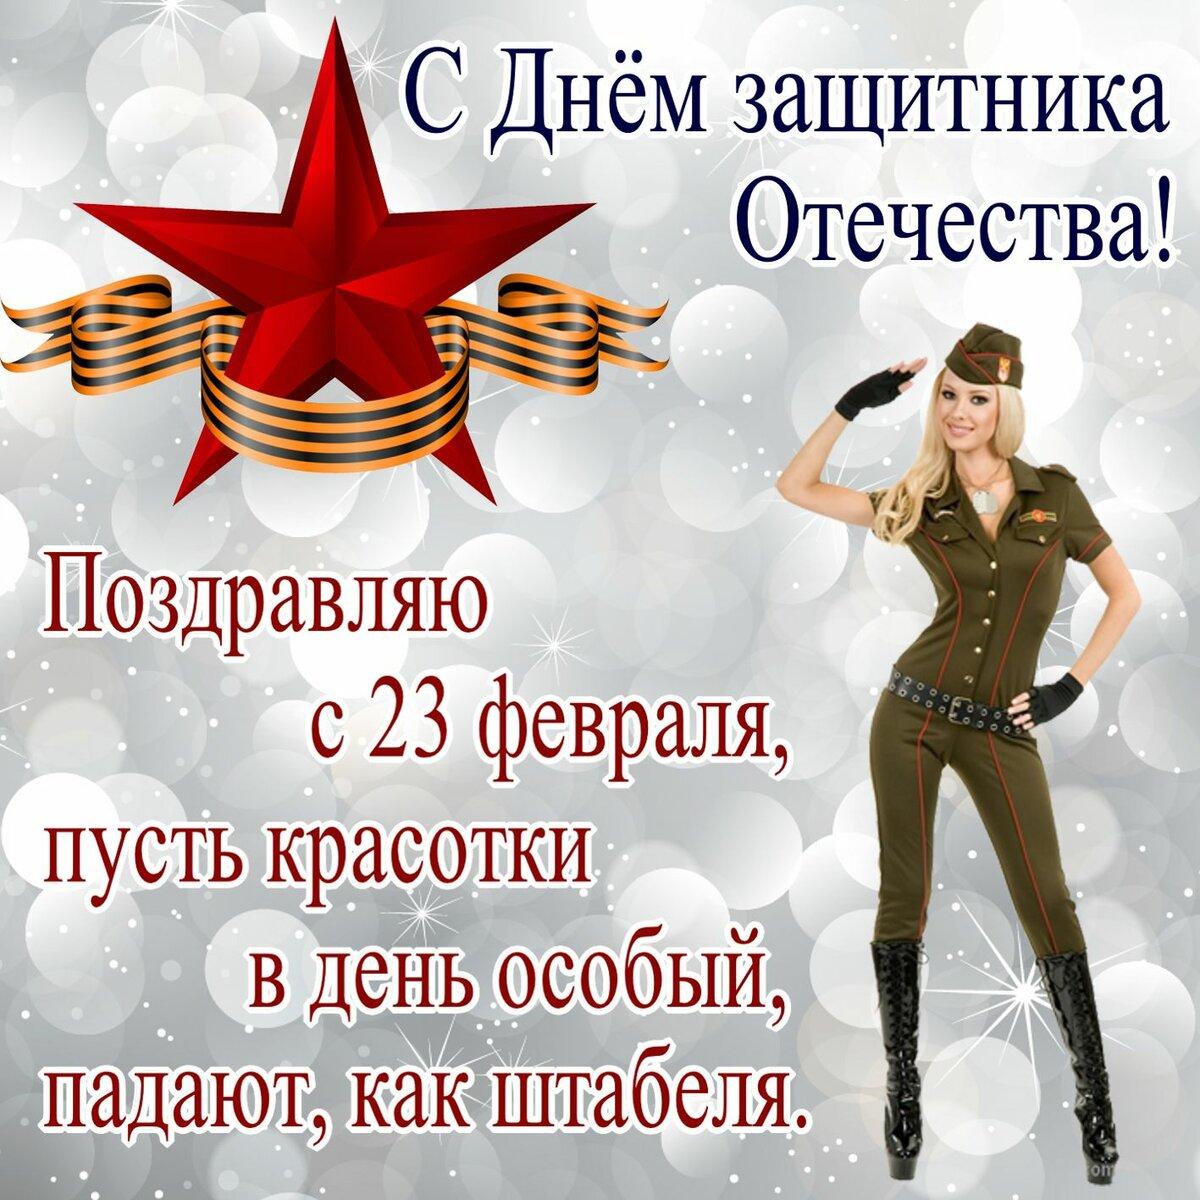 Девченки, картинки с женщинами к 23 февраля